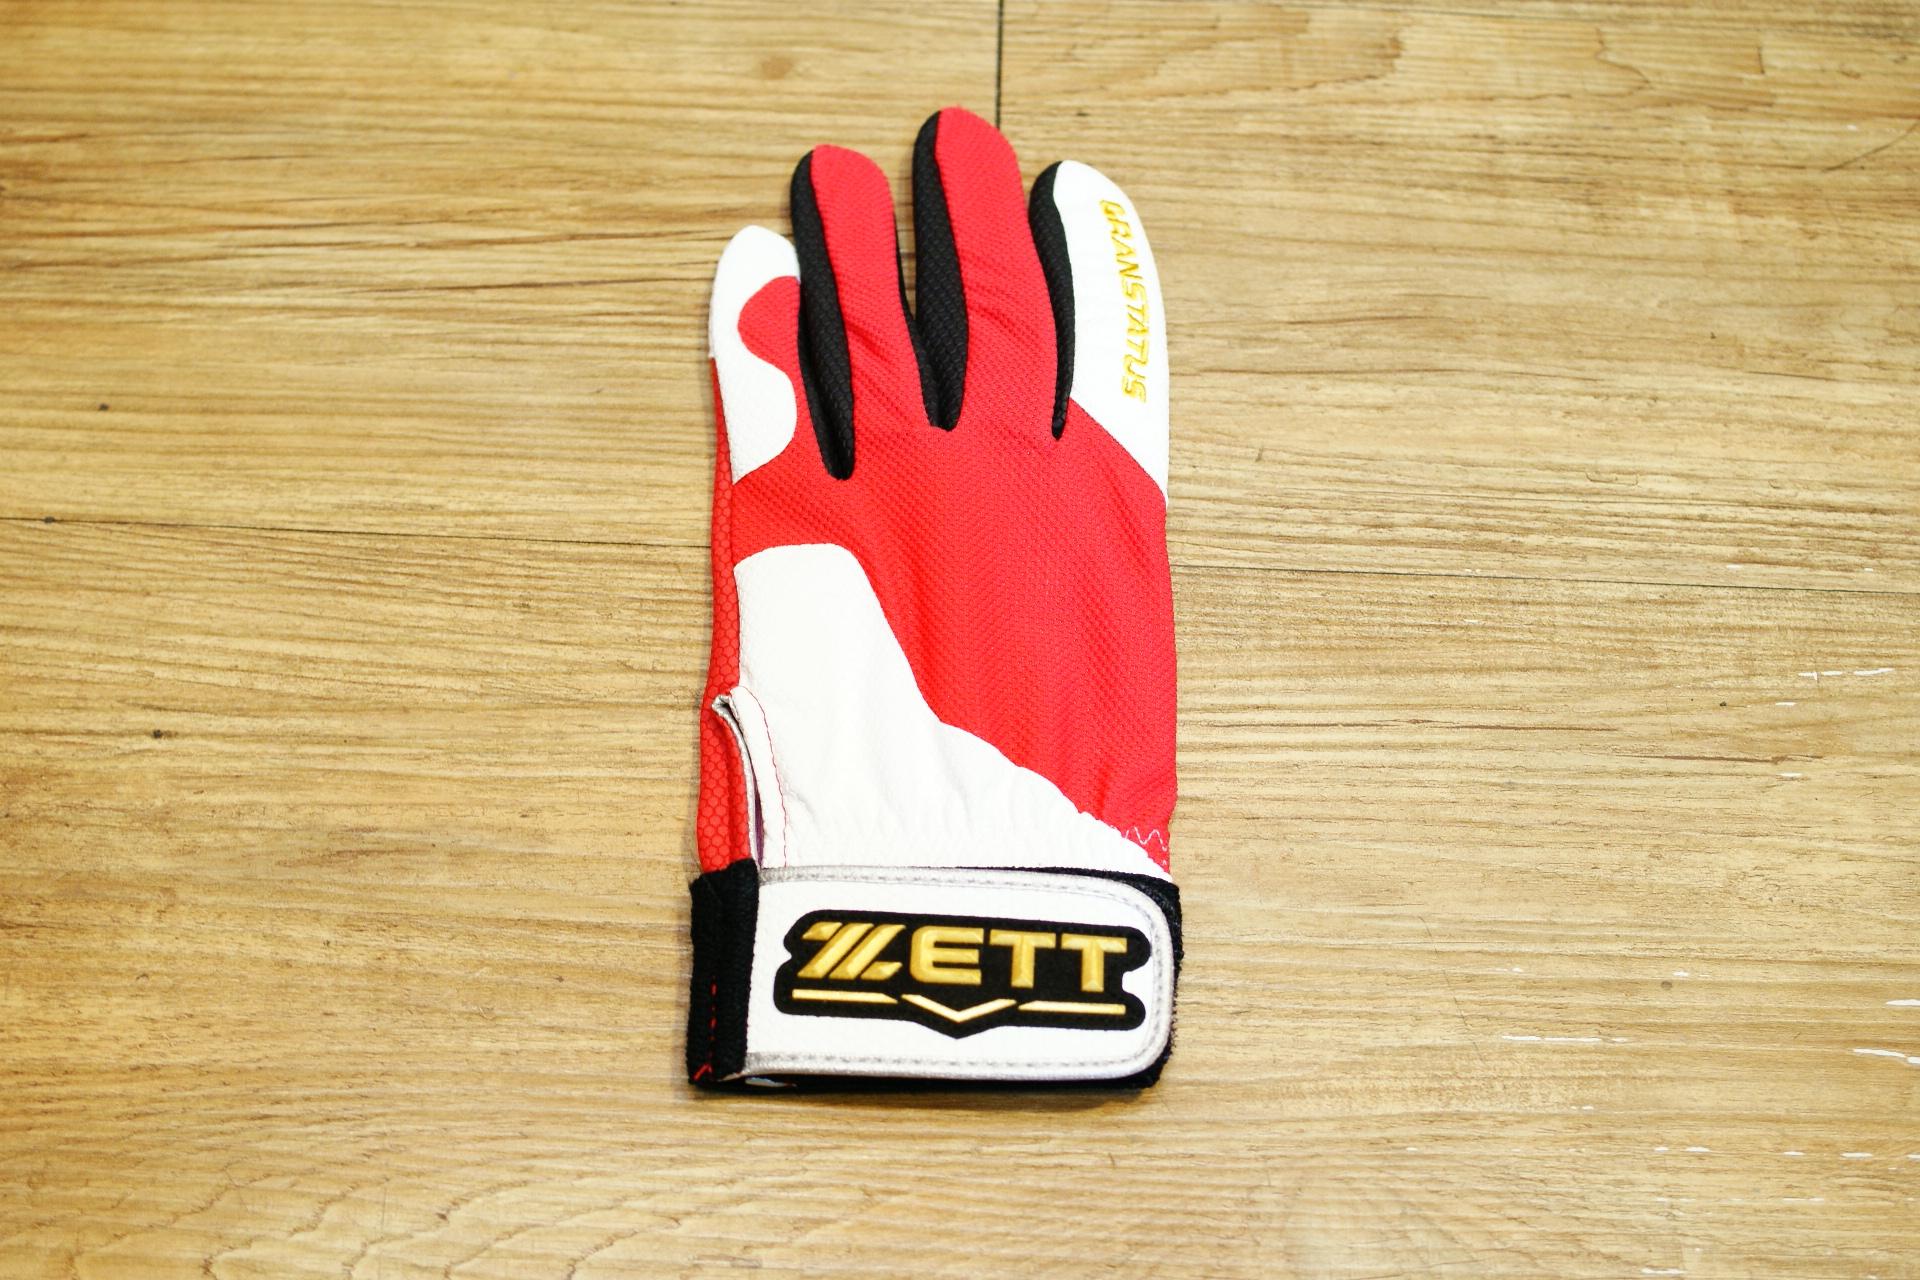 棒球世界 16年ZETT本壘版標全新配色款守備手套 特價 掌面止滑新設計/紅白配色/